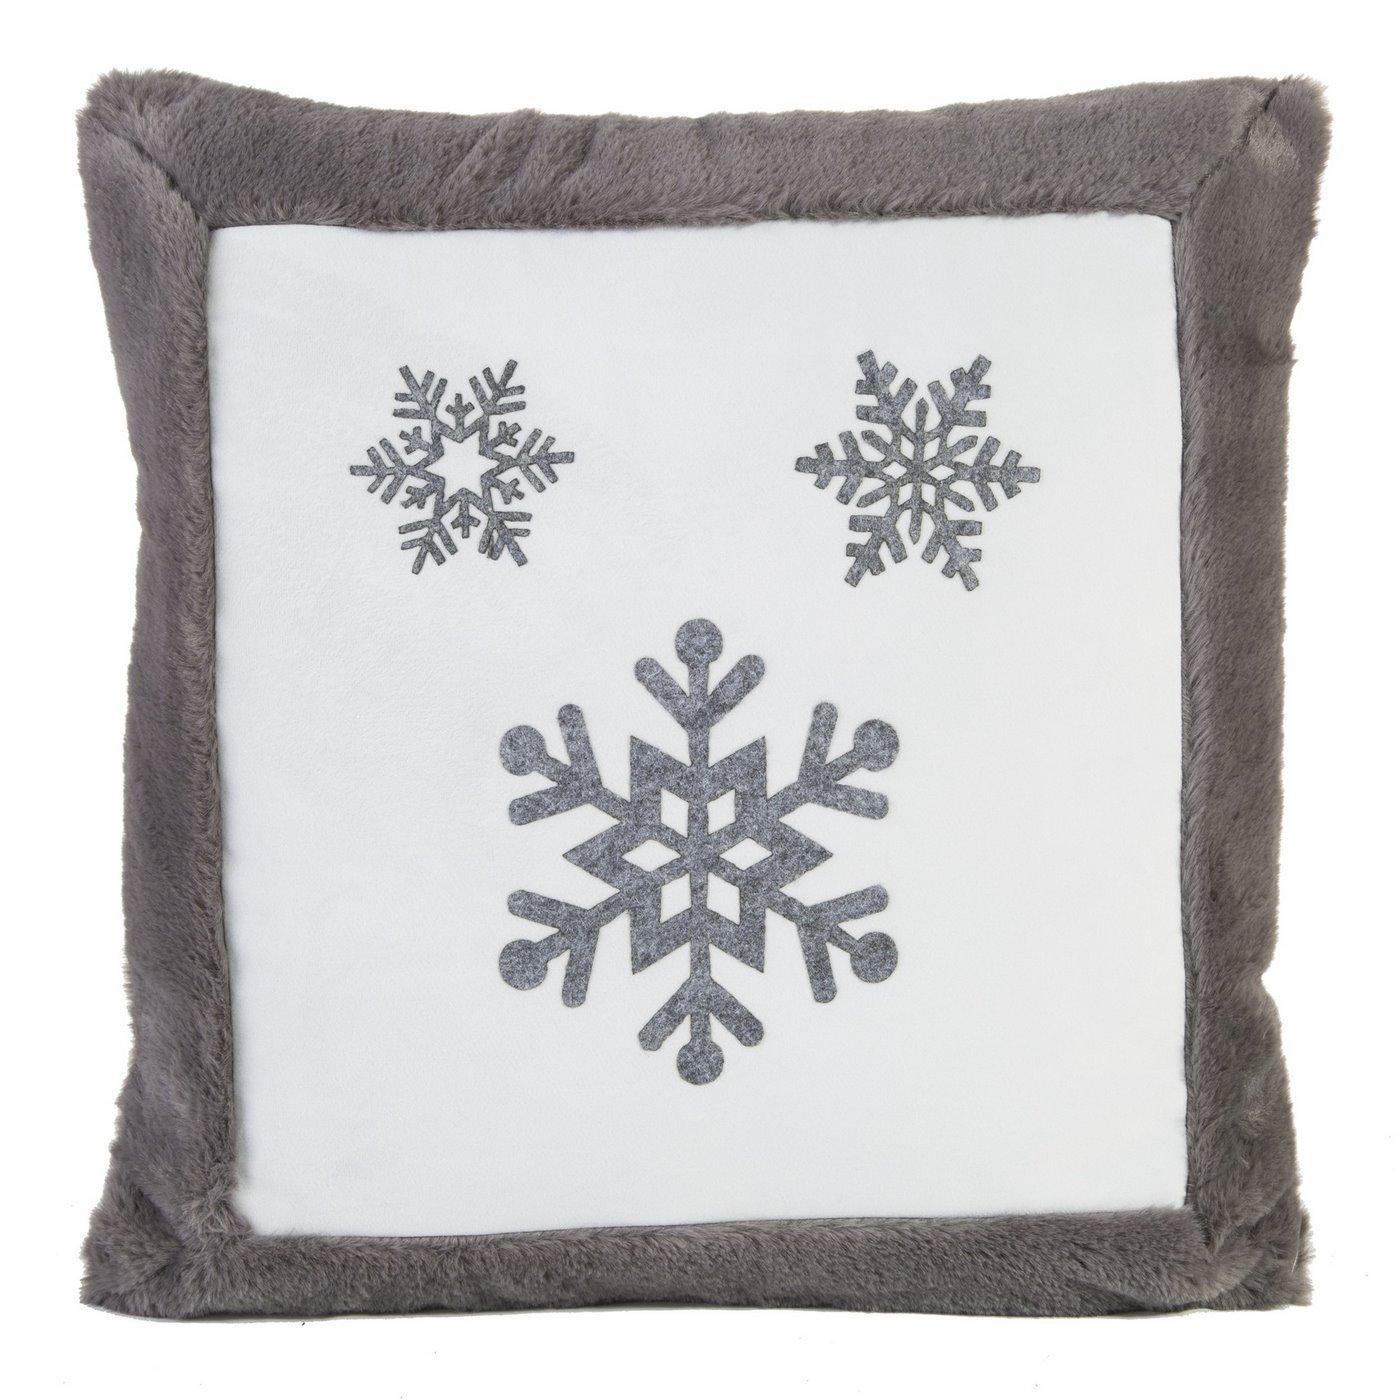 Poszewka na poduszkę śnieżynka 45 x 45cm szaro-biała